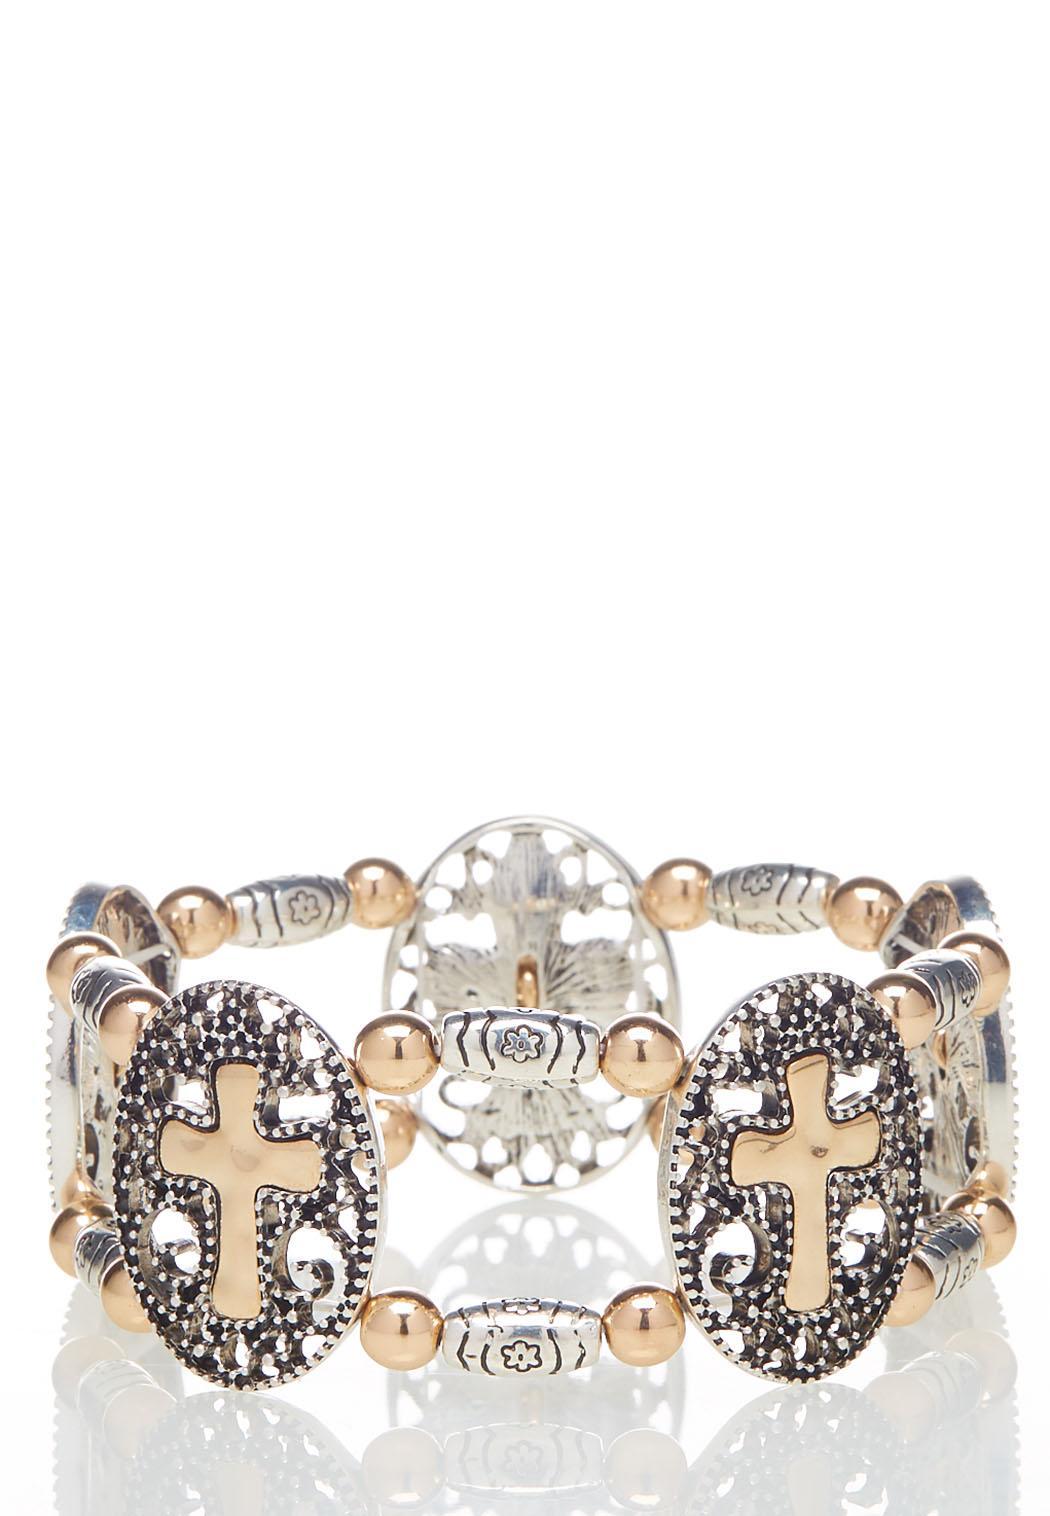 Two-Tone Cross Stretch Bracelet